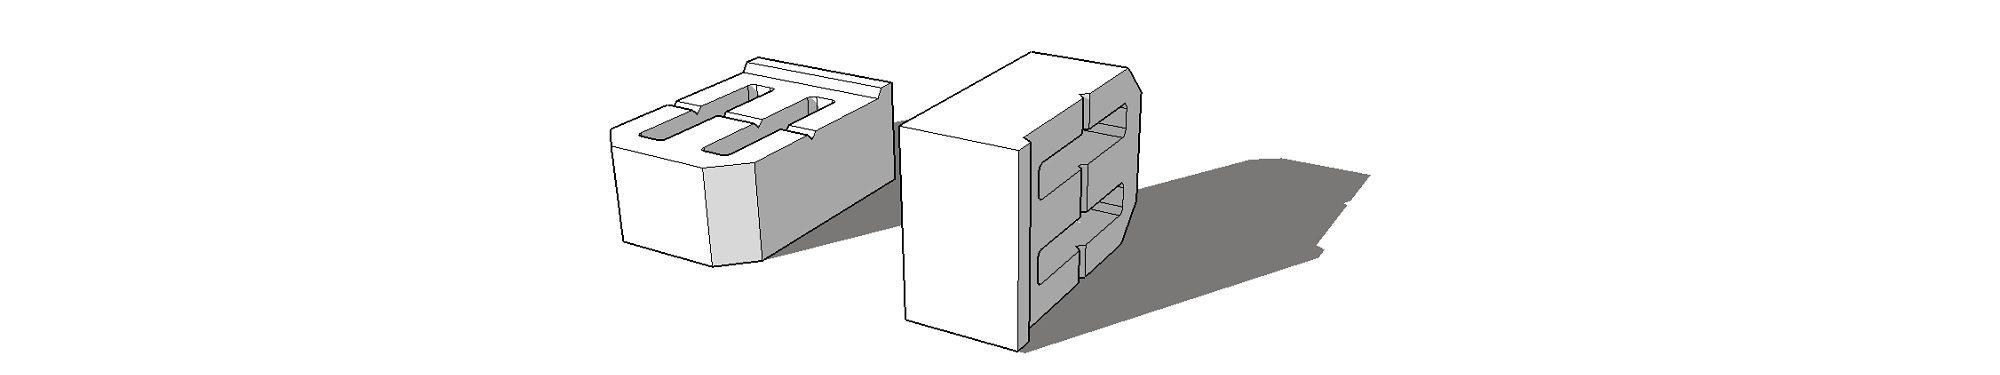 Блок для подпорных стенок